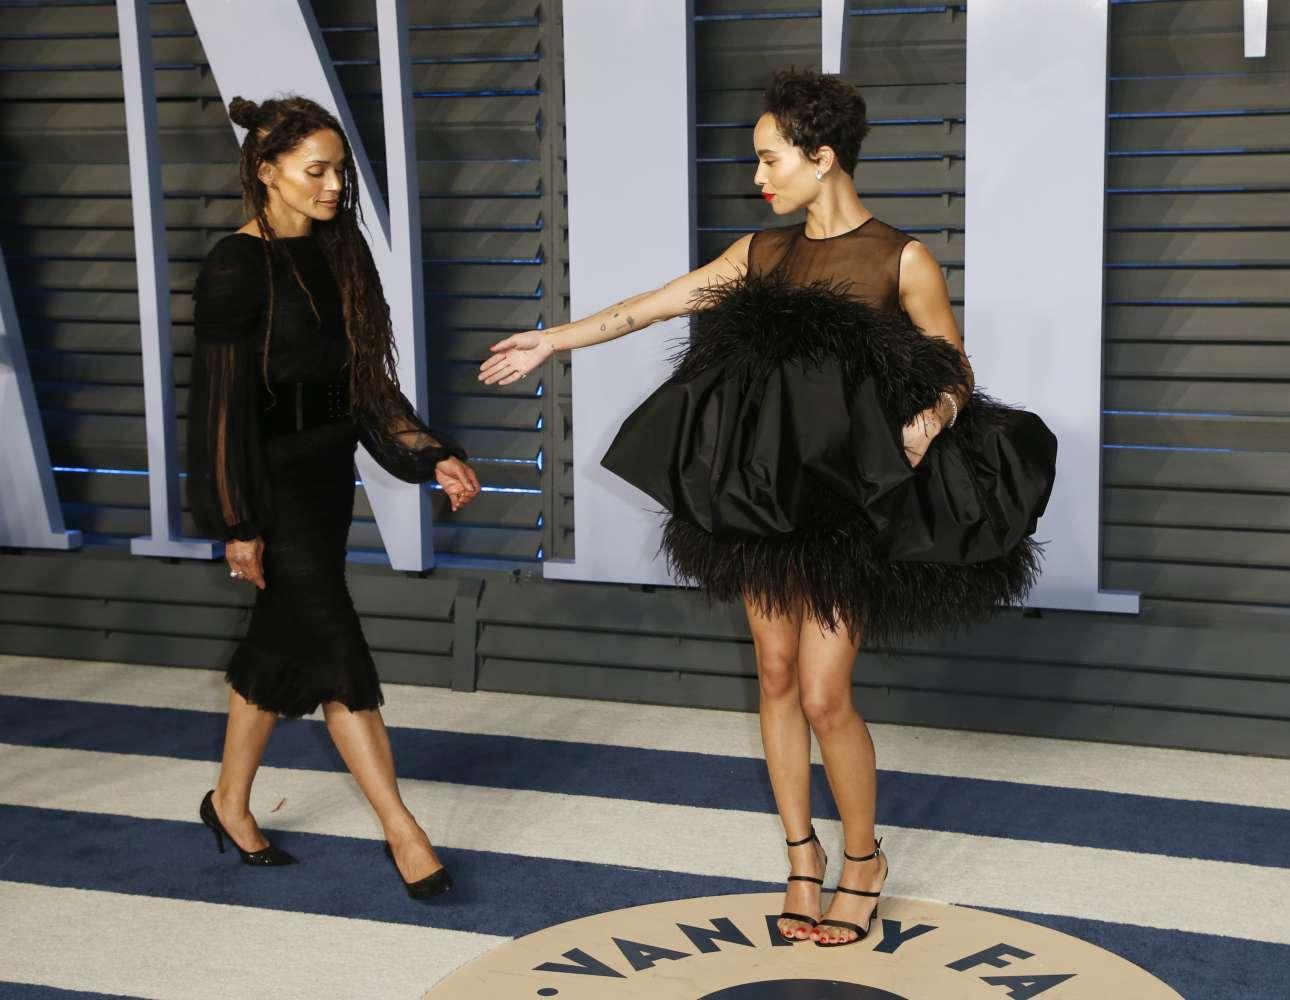 Η Ζόε Κράβιτζ περιμένει τη μητέρα της, Λίζα Μπονέ, να ποζάρουν μαζί στις αφίξεις του πάρτι του Vanity Fair